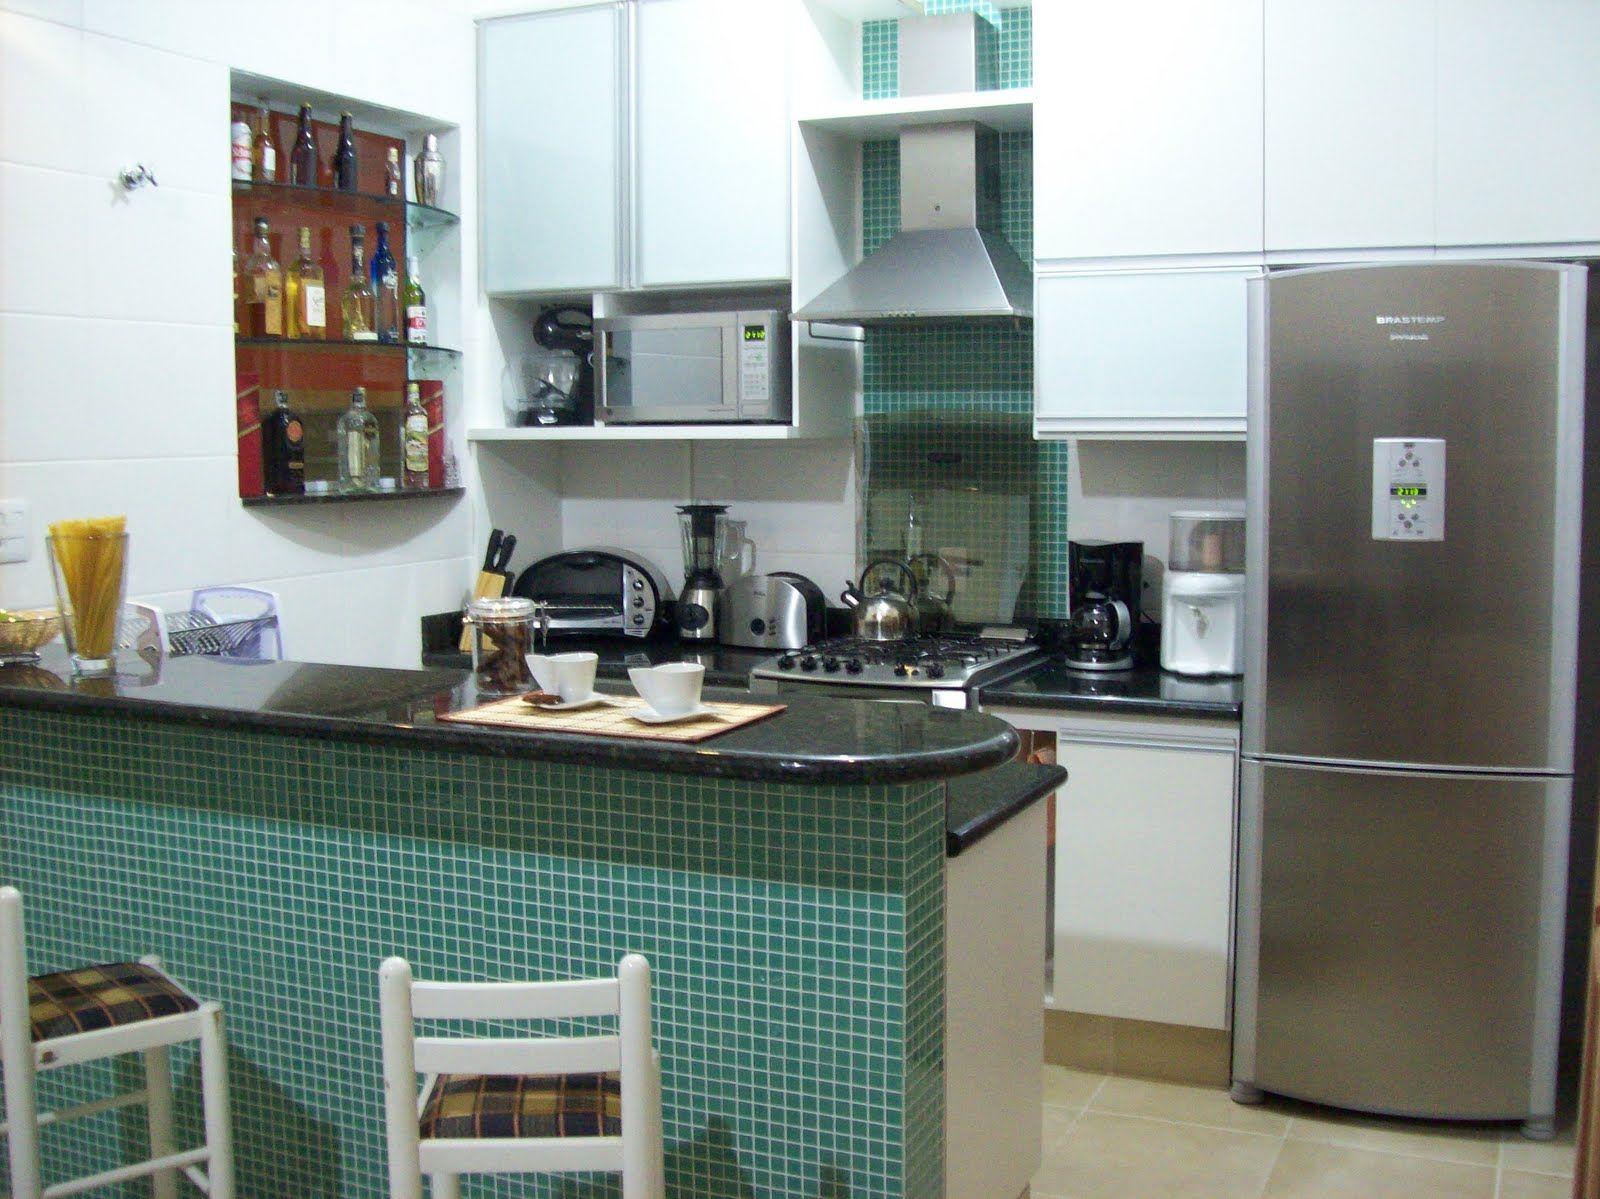 Cozinha Co_1355321220178 Jpg 1600 1199 Bolos Pinterest  ~ Modelos De Cozinha Com Balcão